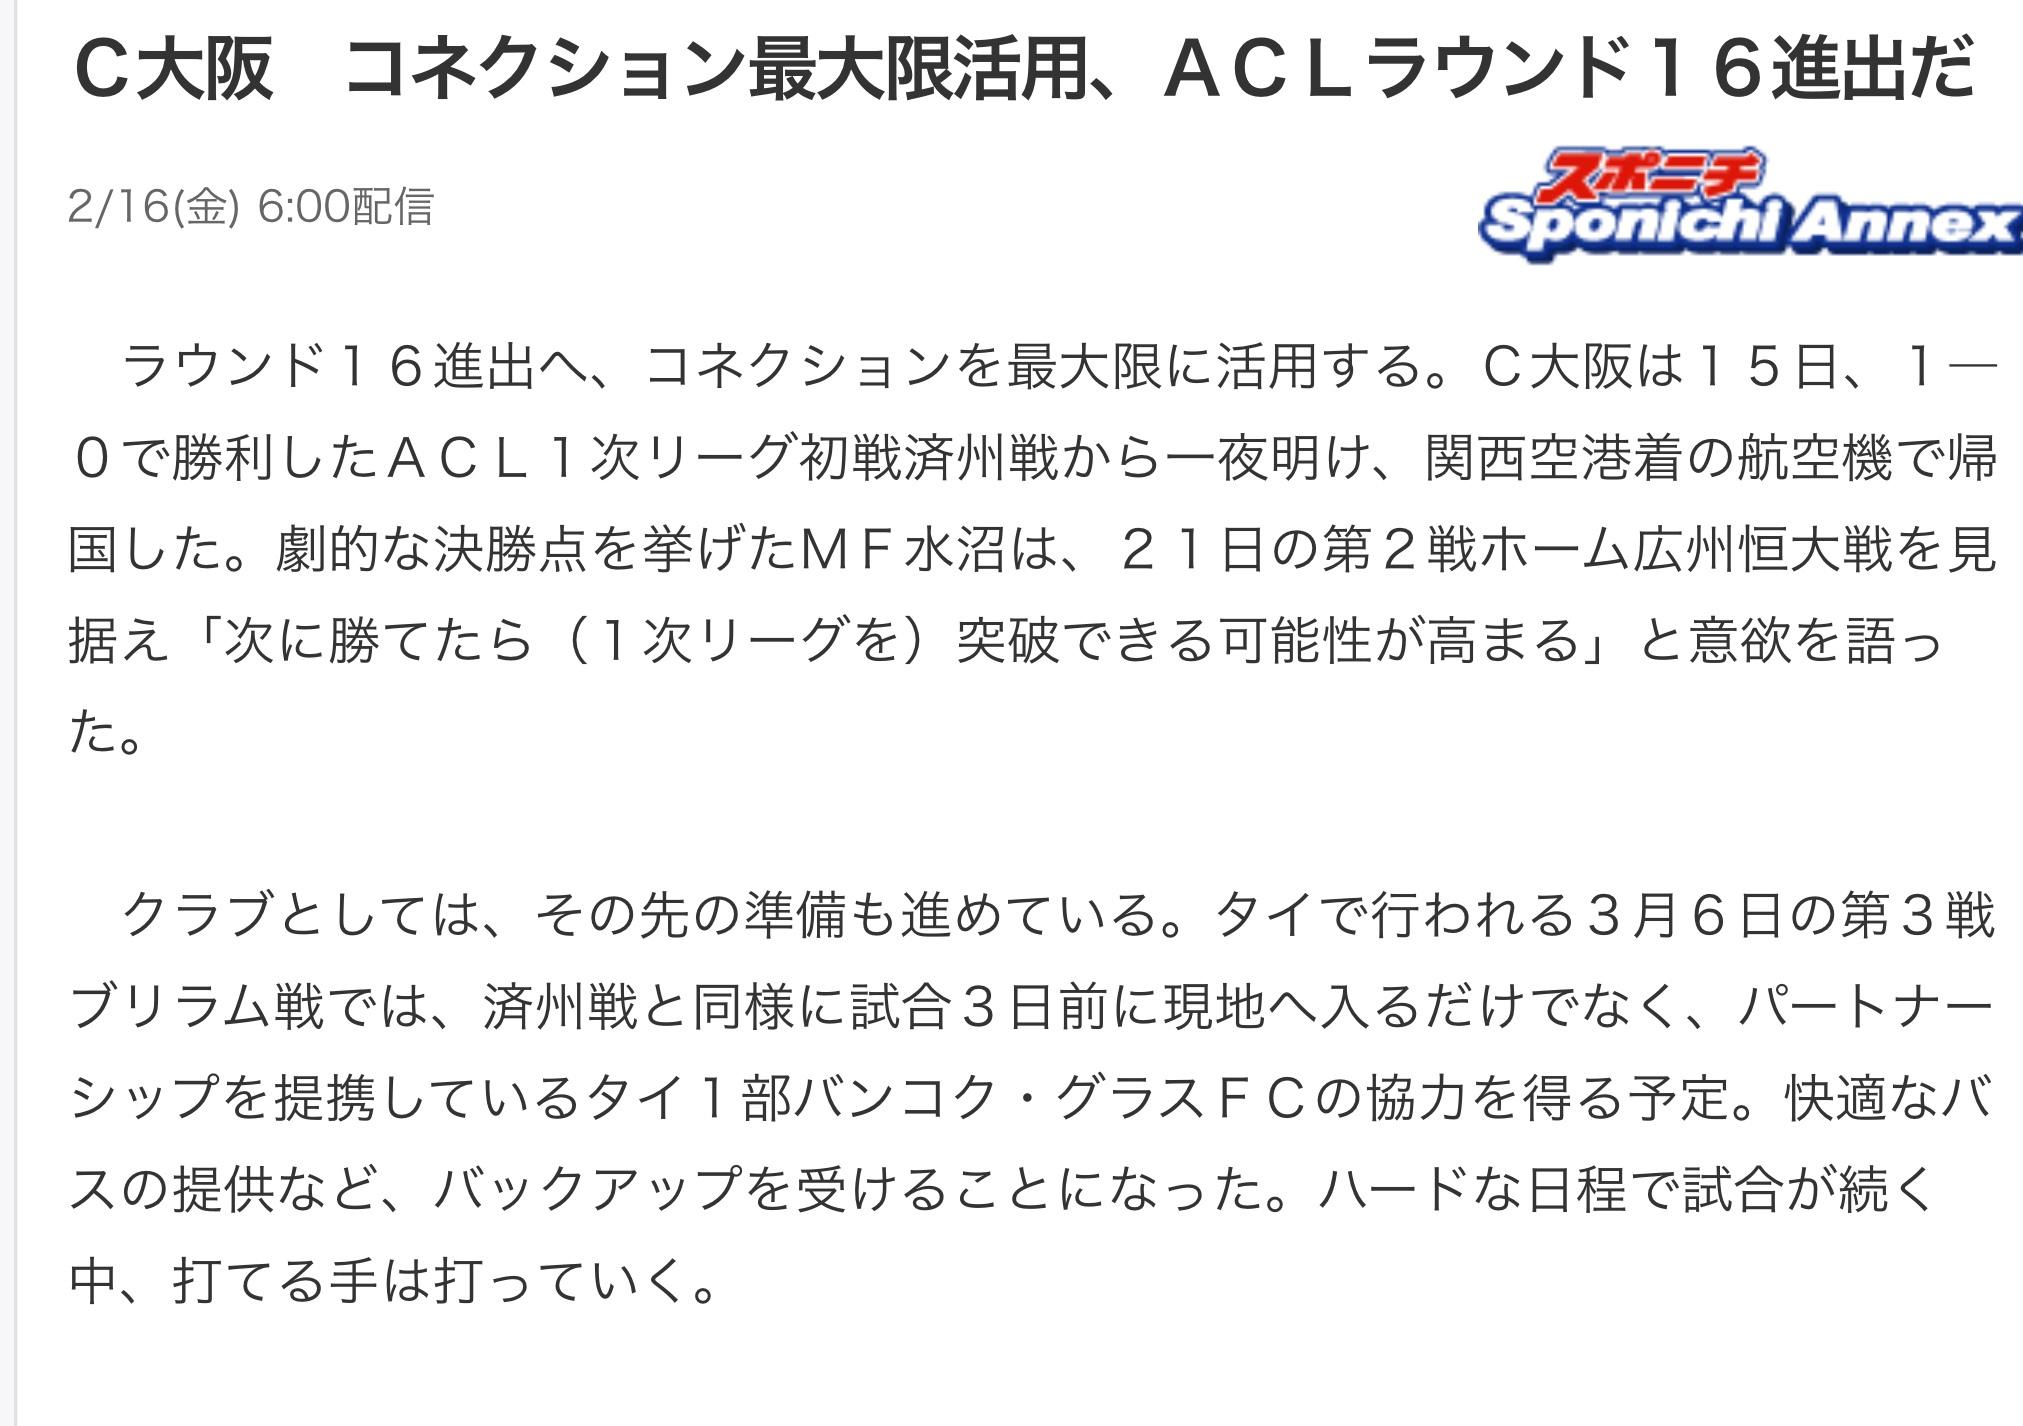 大阪成亚冠日本球队领头羊 豪言次战必赢恒大